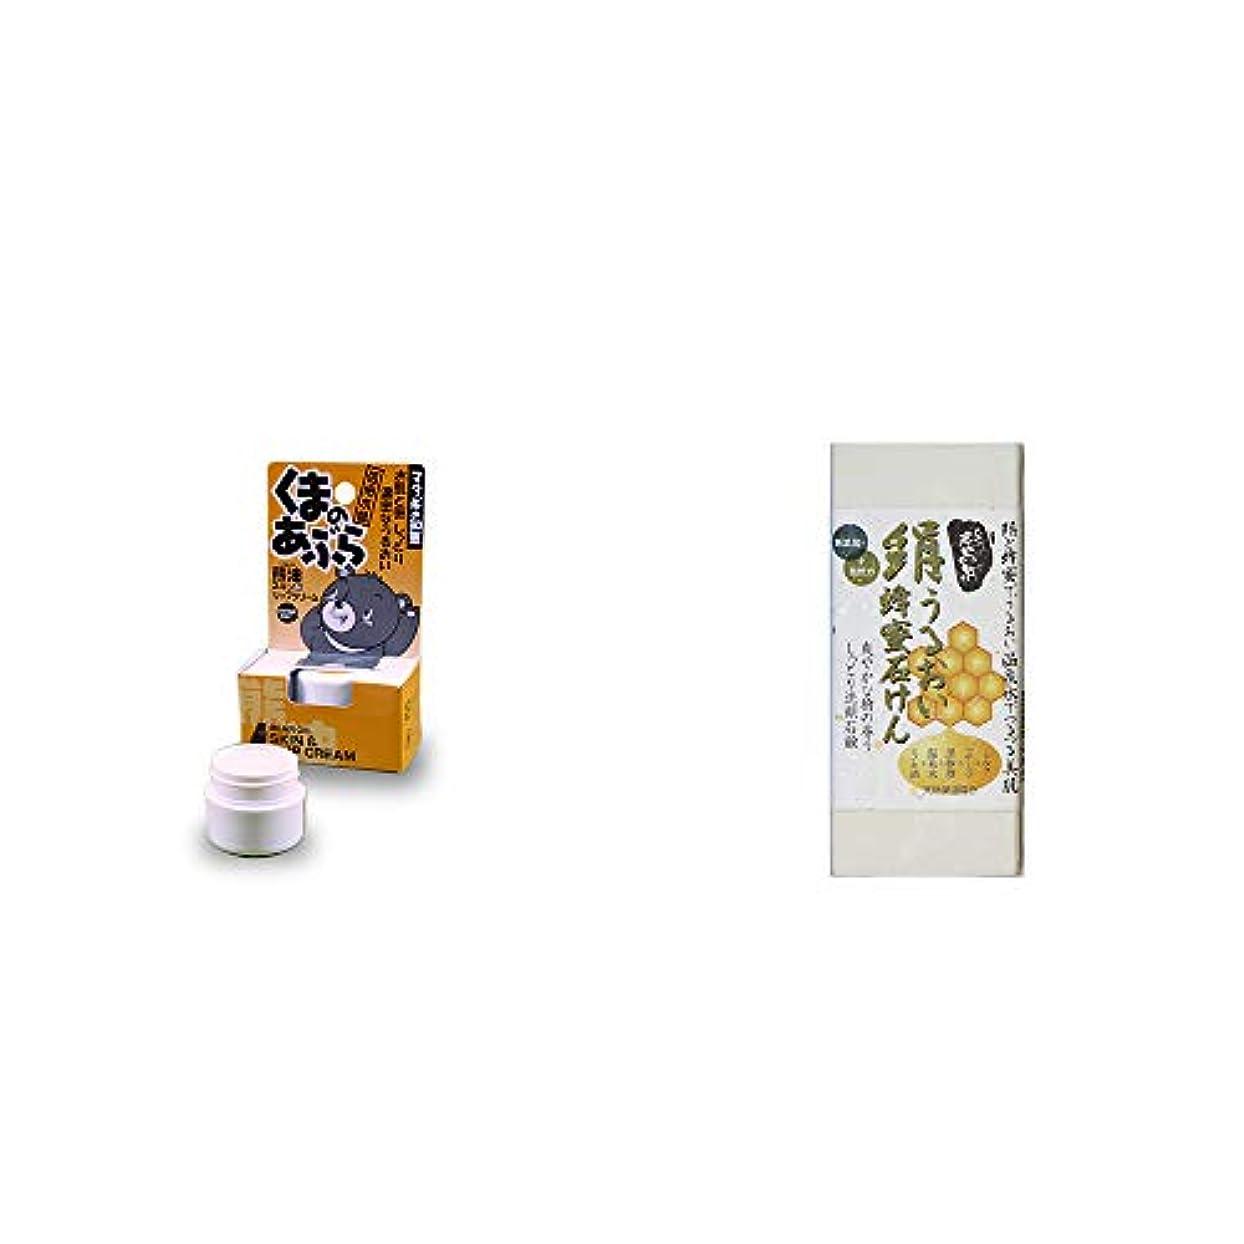 伝導率運命ホバート[2点セット] 信州木曽 くまのあぶら 熊油スキン&リップクリーム(9g)?ひのき炭黒泉 絹うるおい蜂蜜石けん(75g×2)